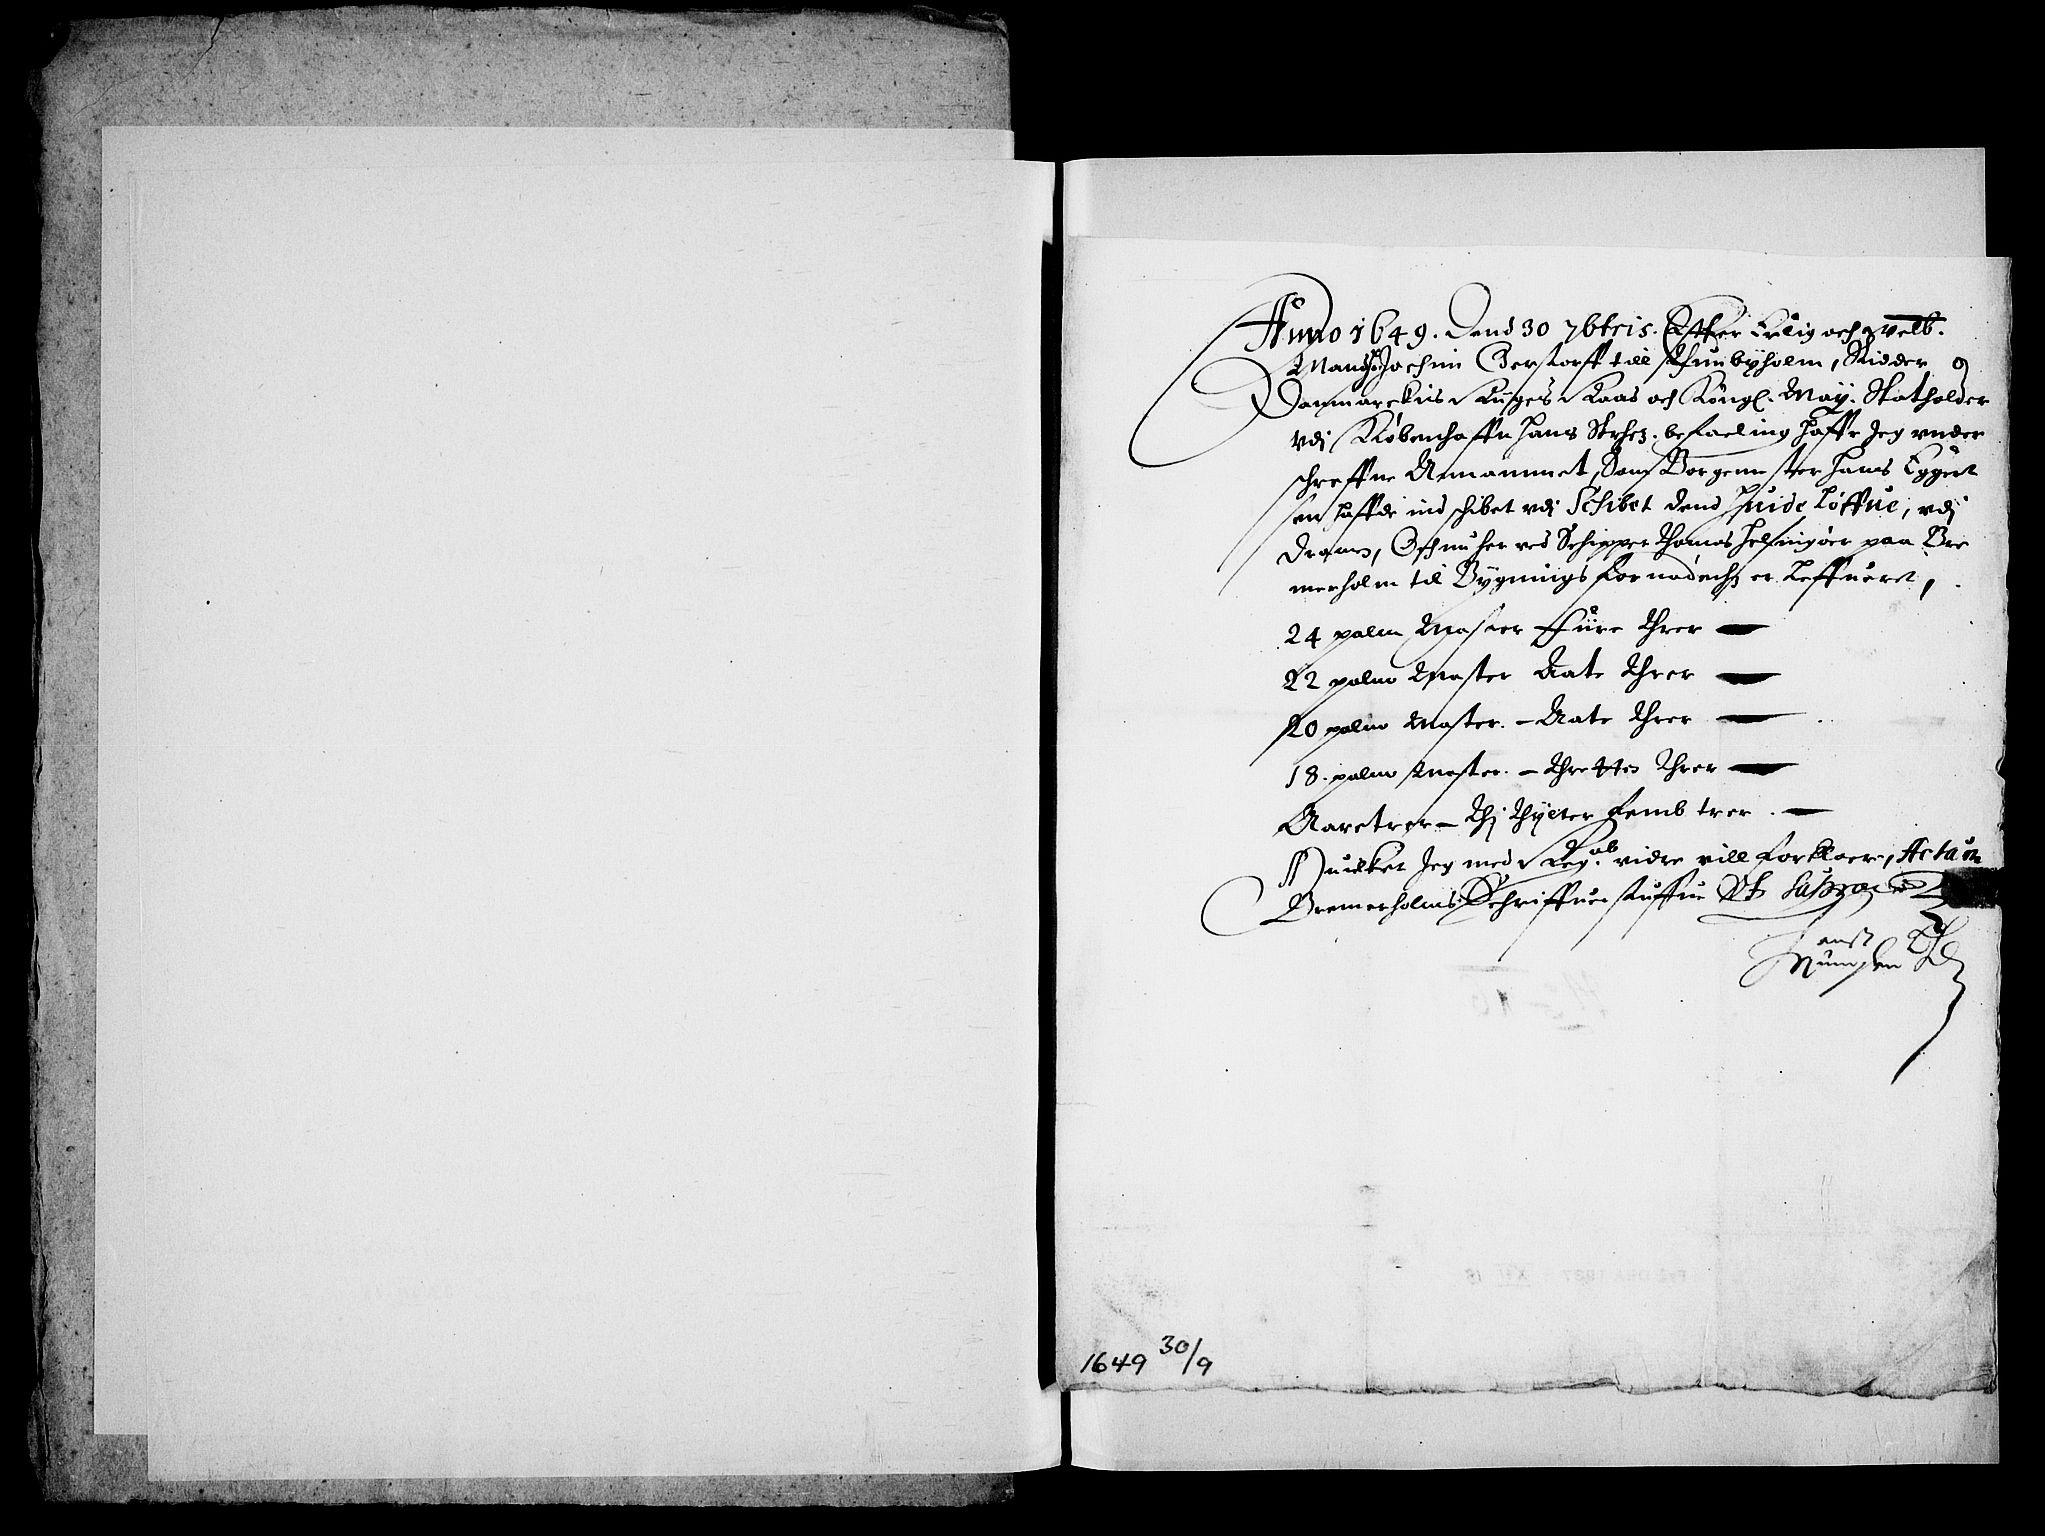 RA, Danske Kanselli, Skapsaker, G/L0019: Tillegg til skapsakene, 1616-1753, s. 136